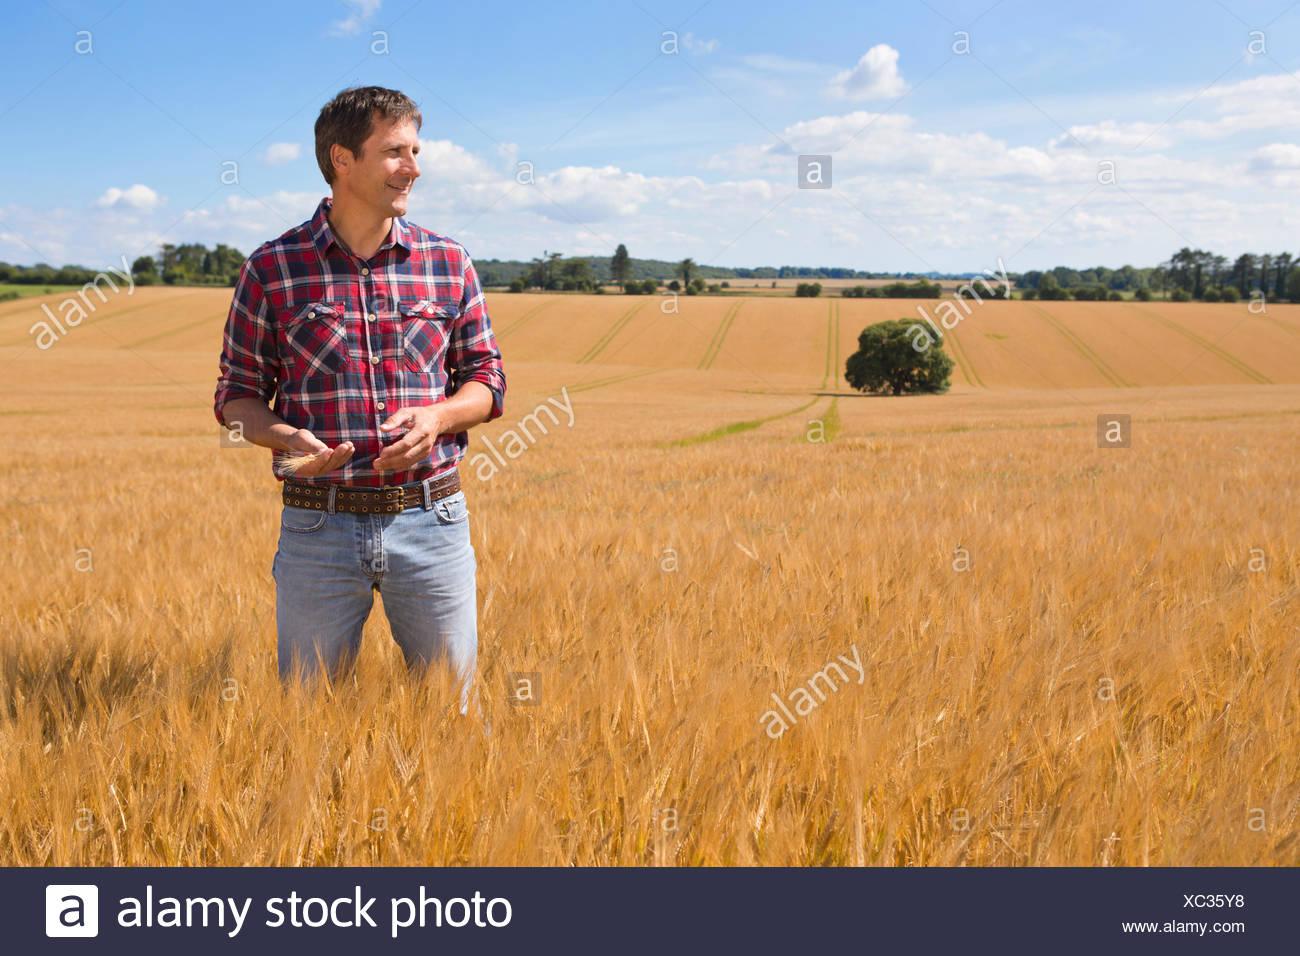 Apartar la mirada agricultor rural en un soleado día de campo de cultivos de cebada en verano Imagen De Stock